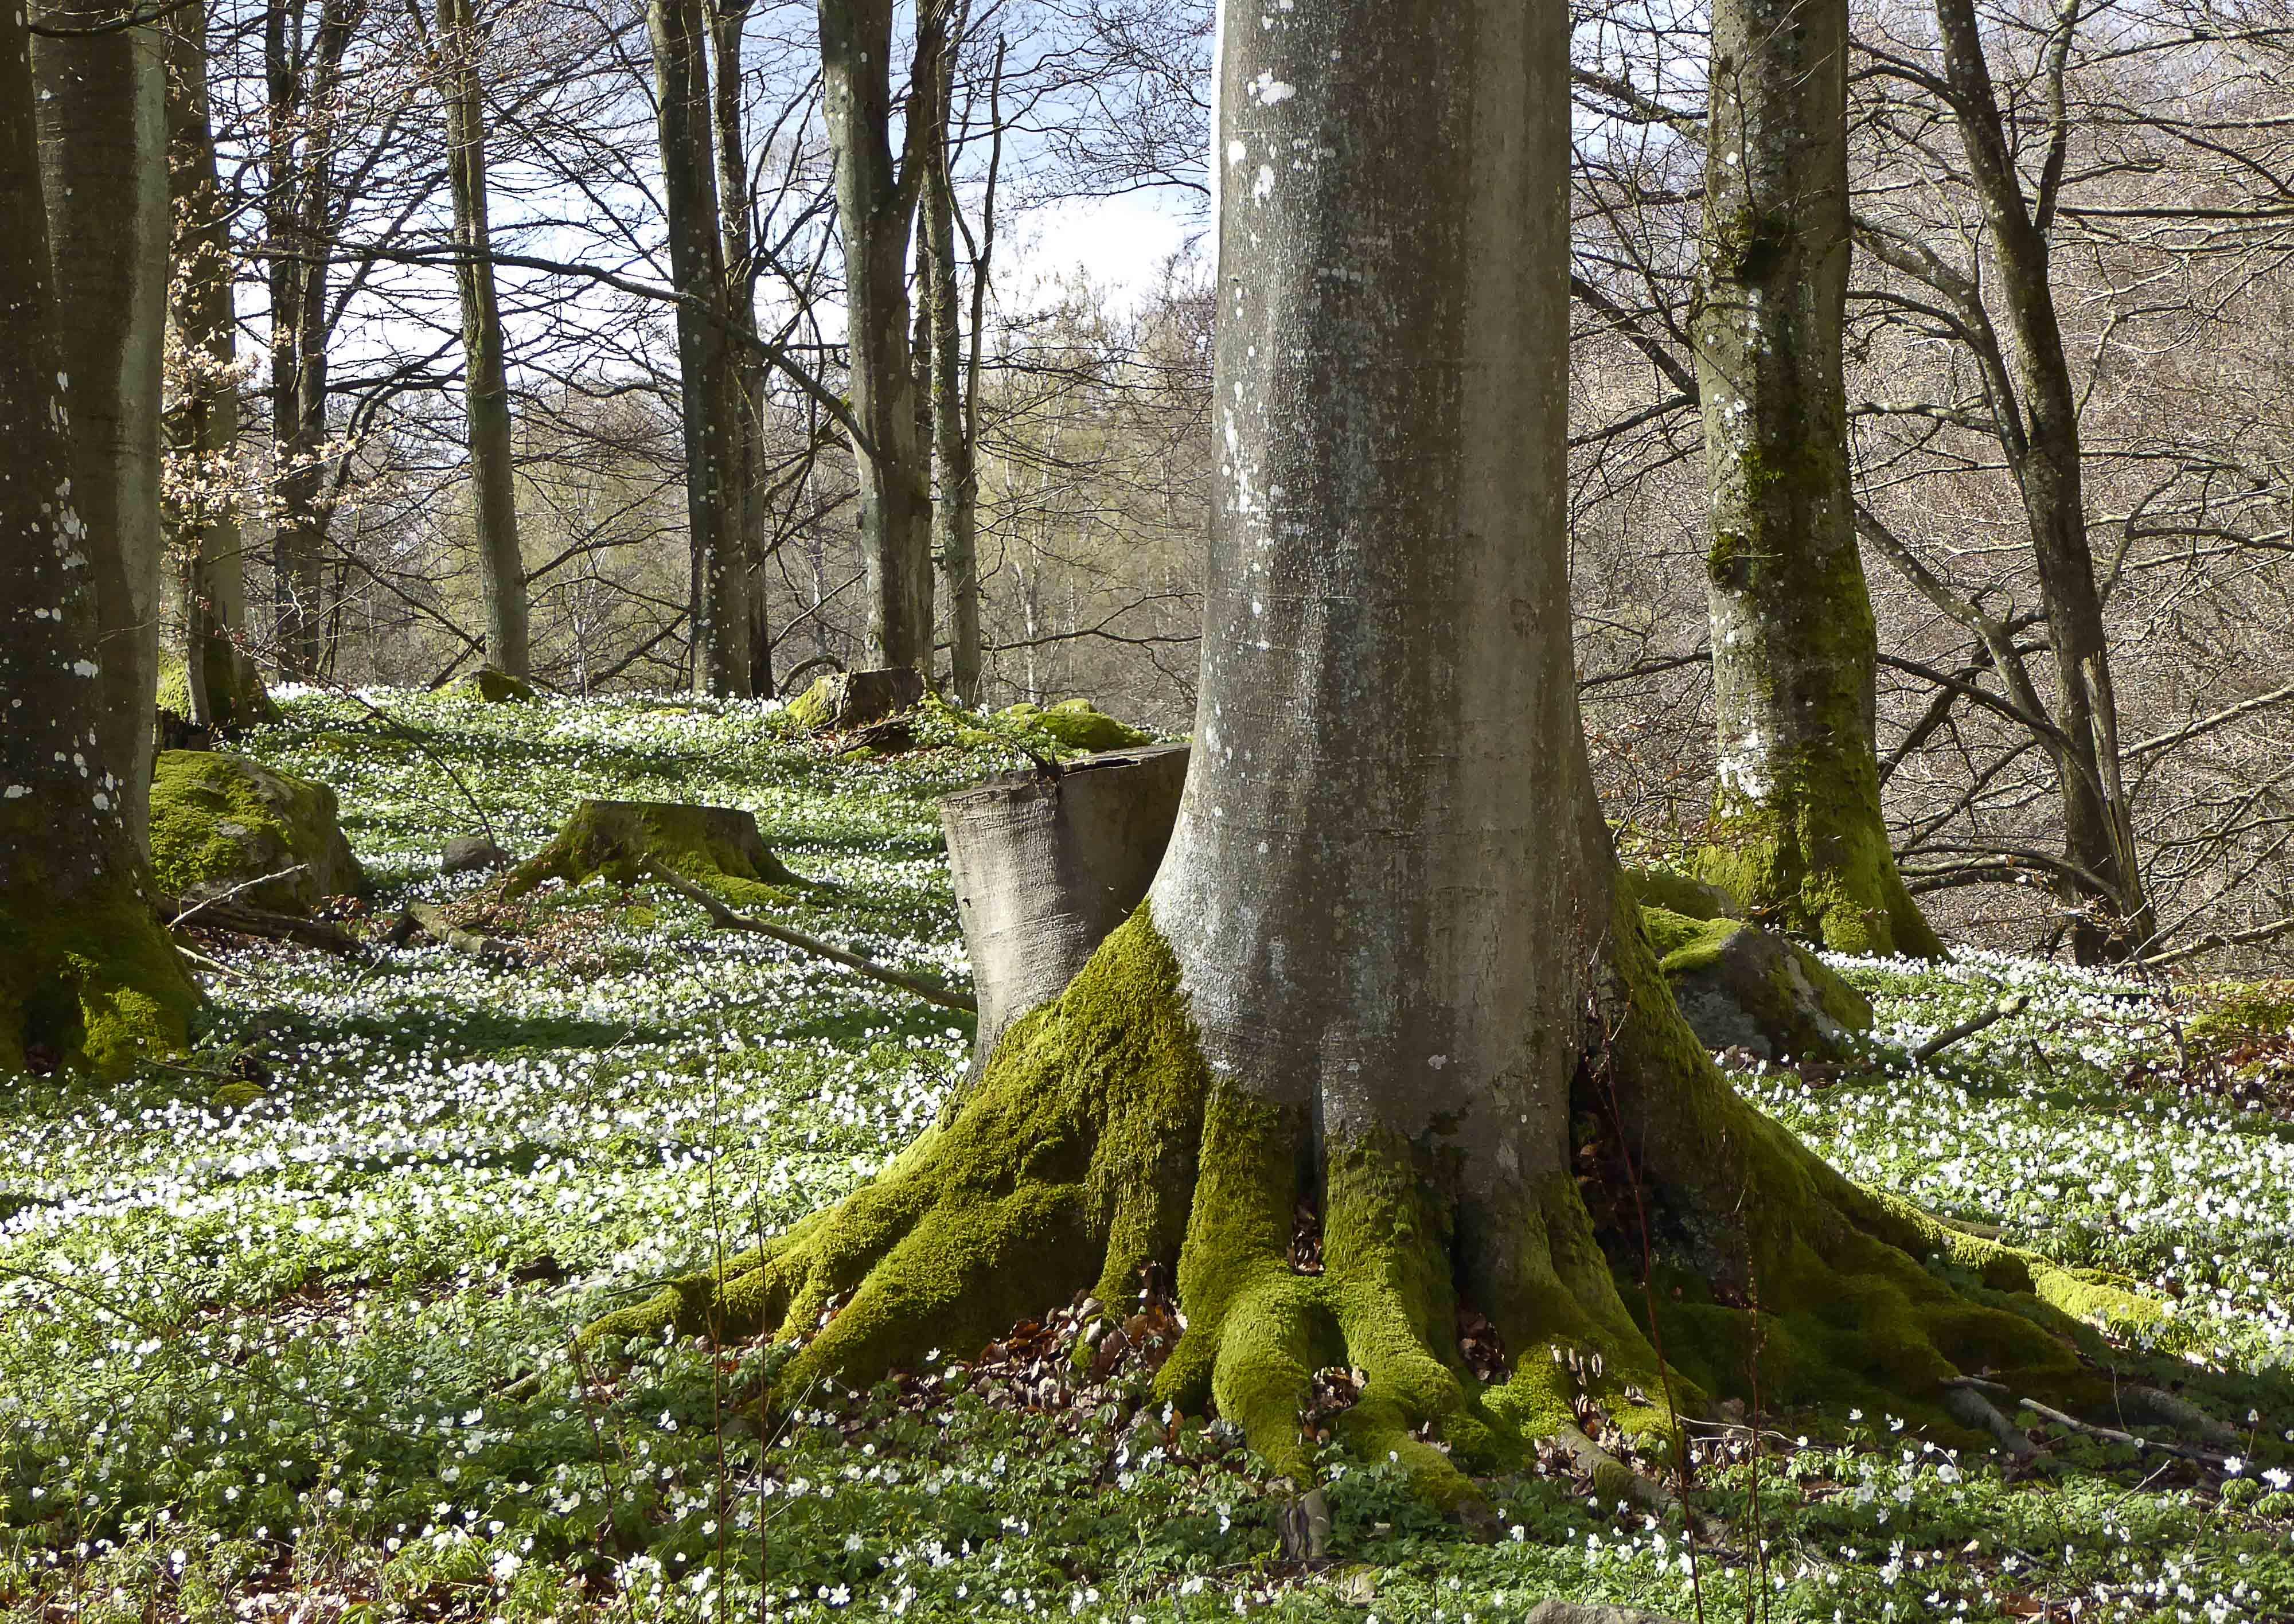 Spring Tree, Anemonies